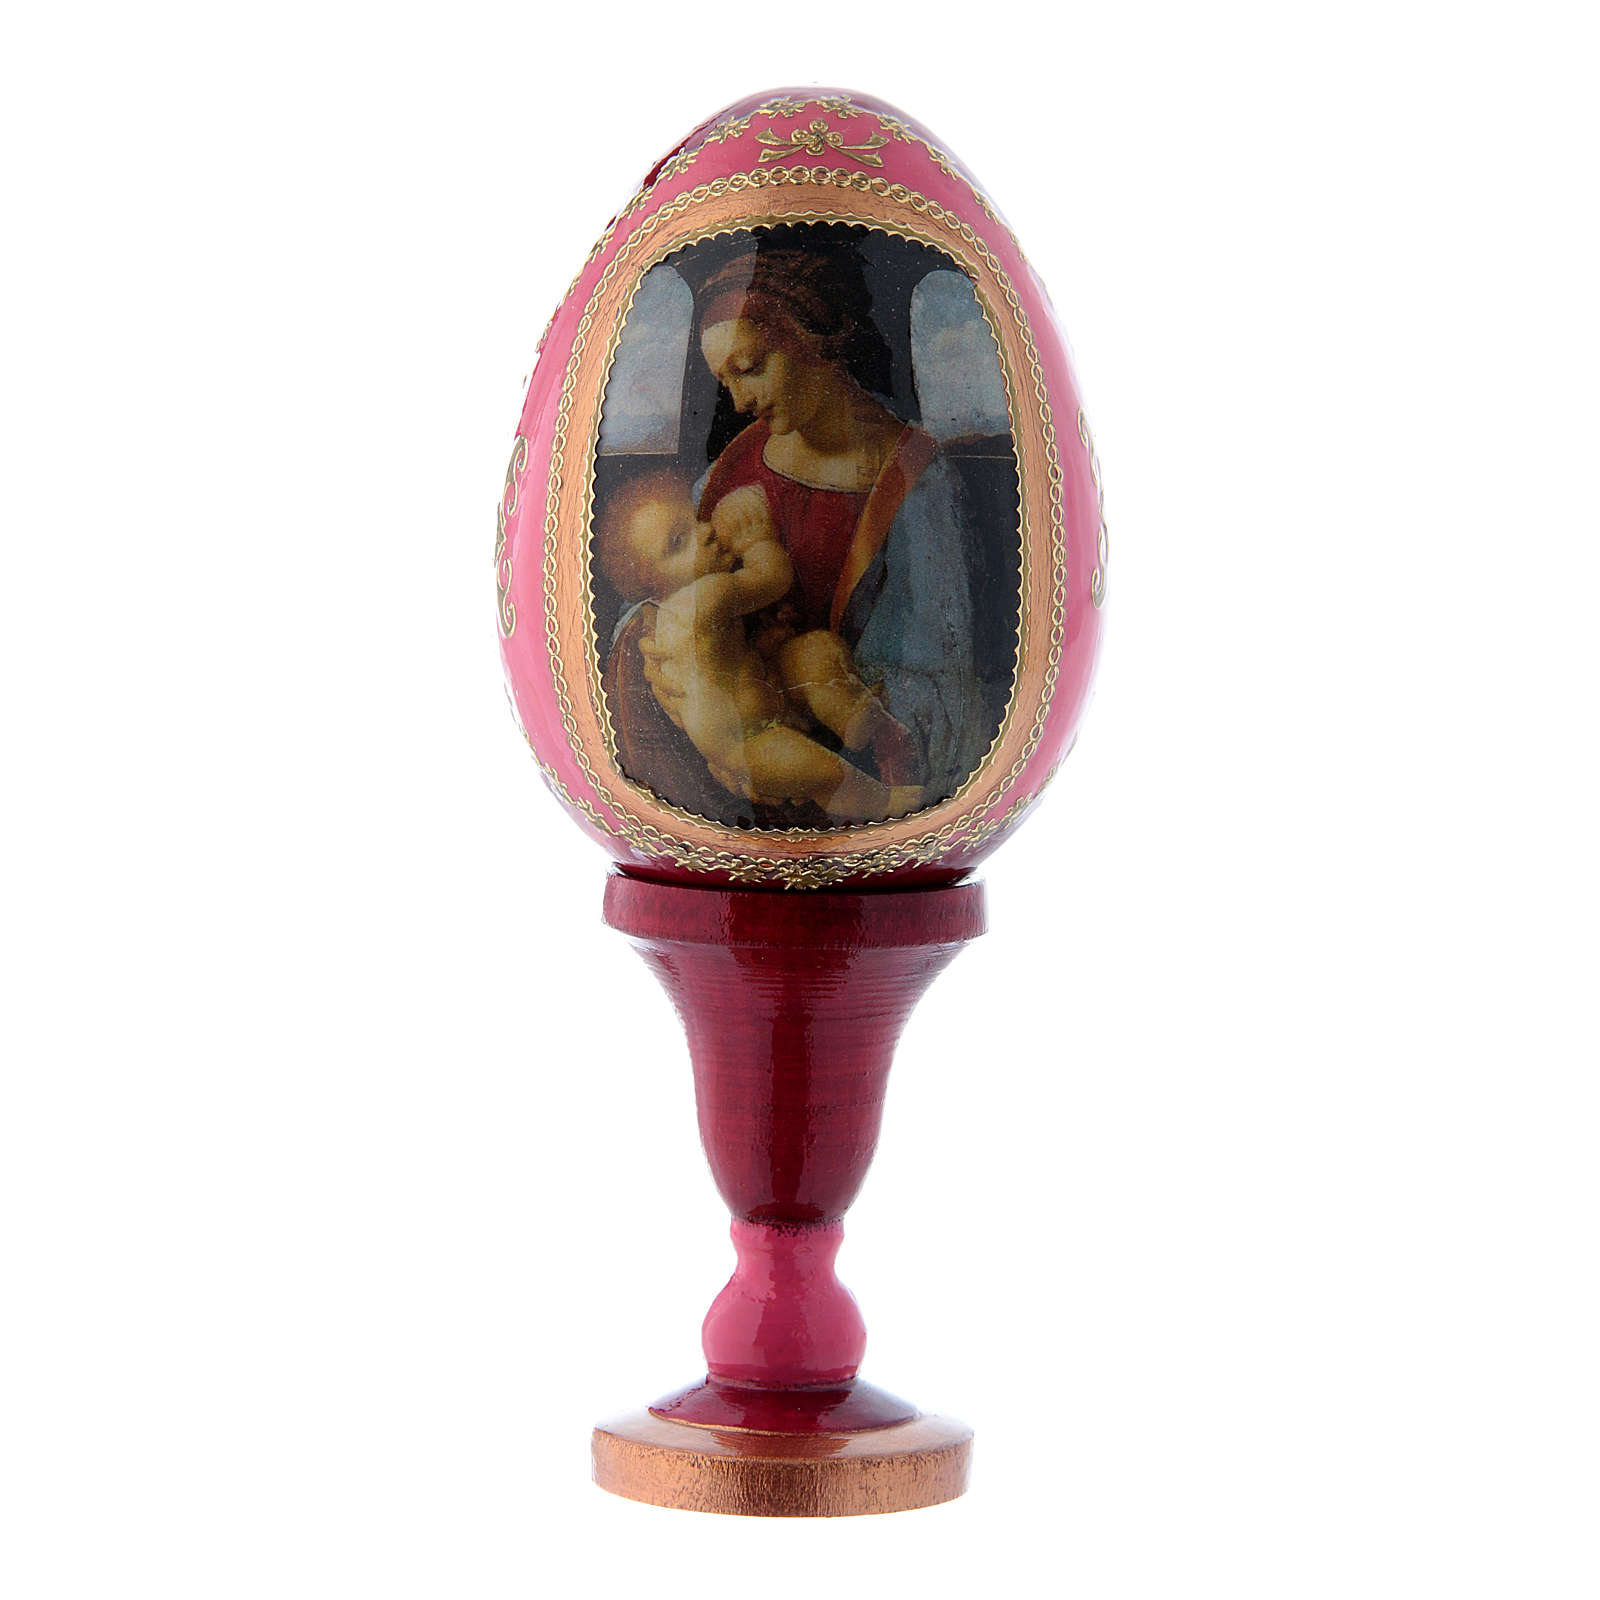 Uovo in legno decorato a mano rosso russo La Madonna Litta h tot 13 cm 4